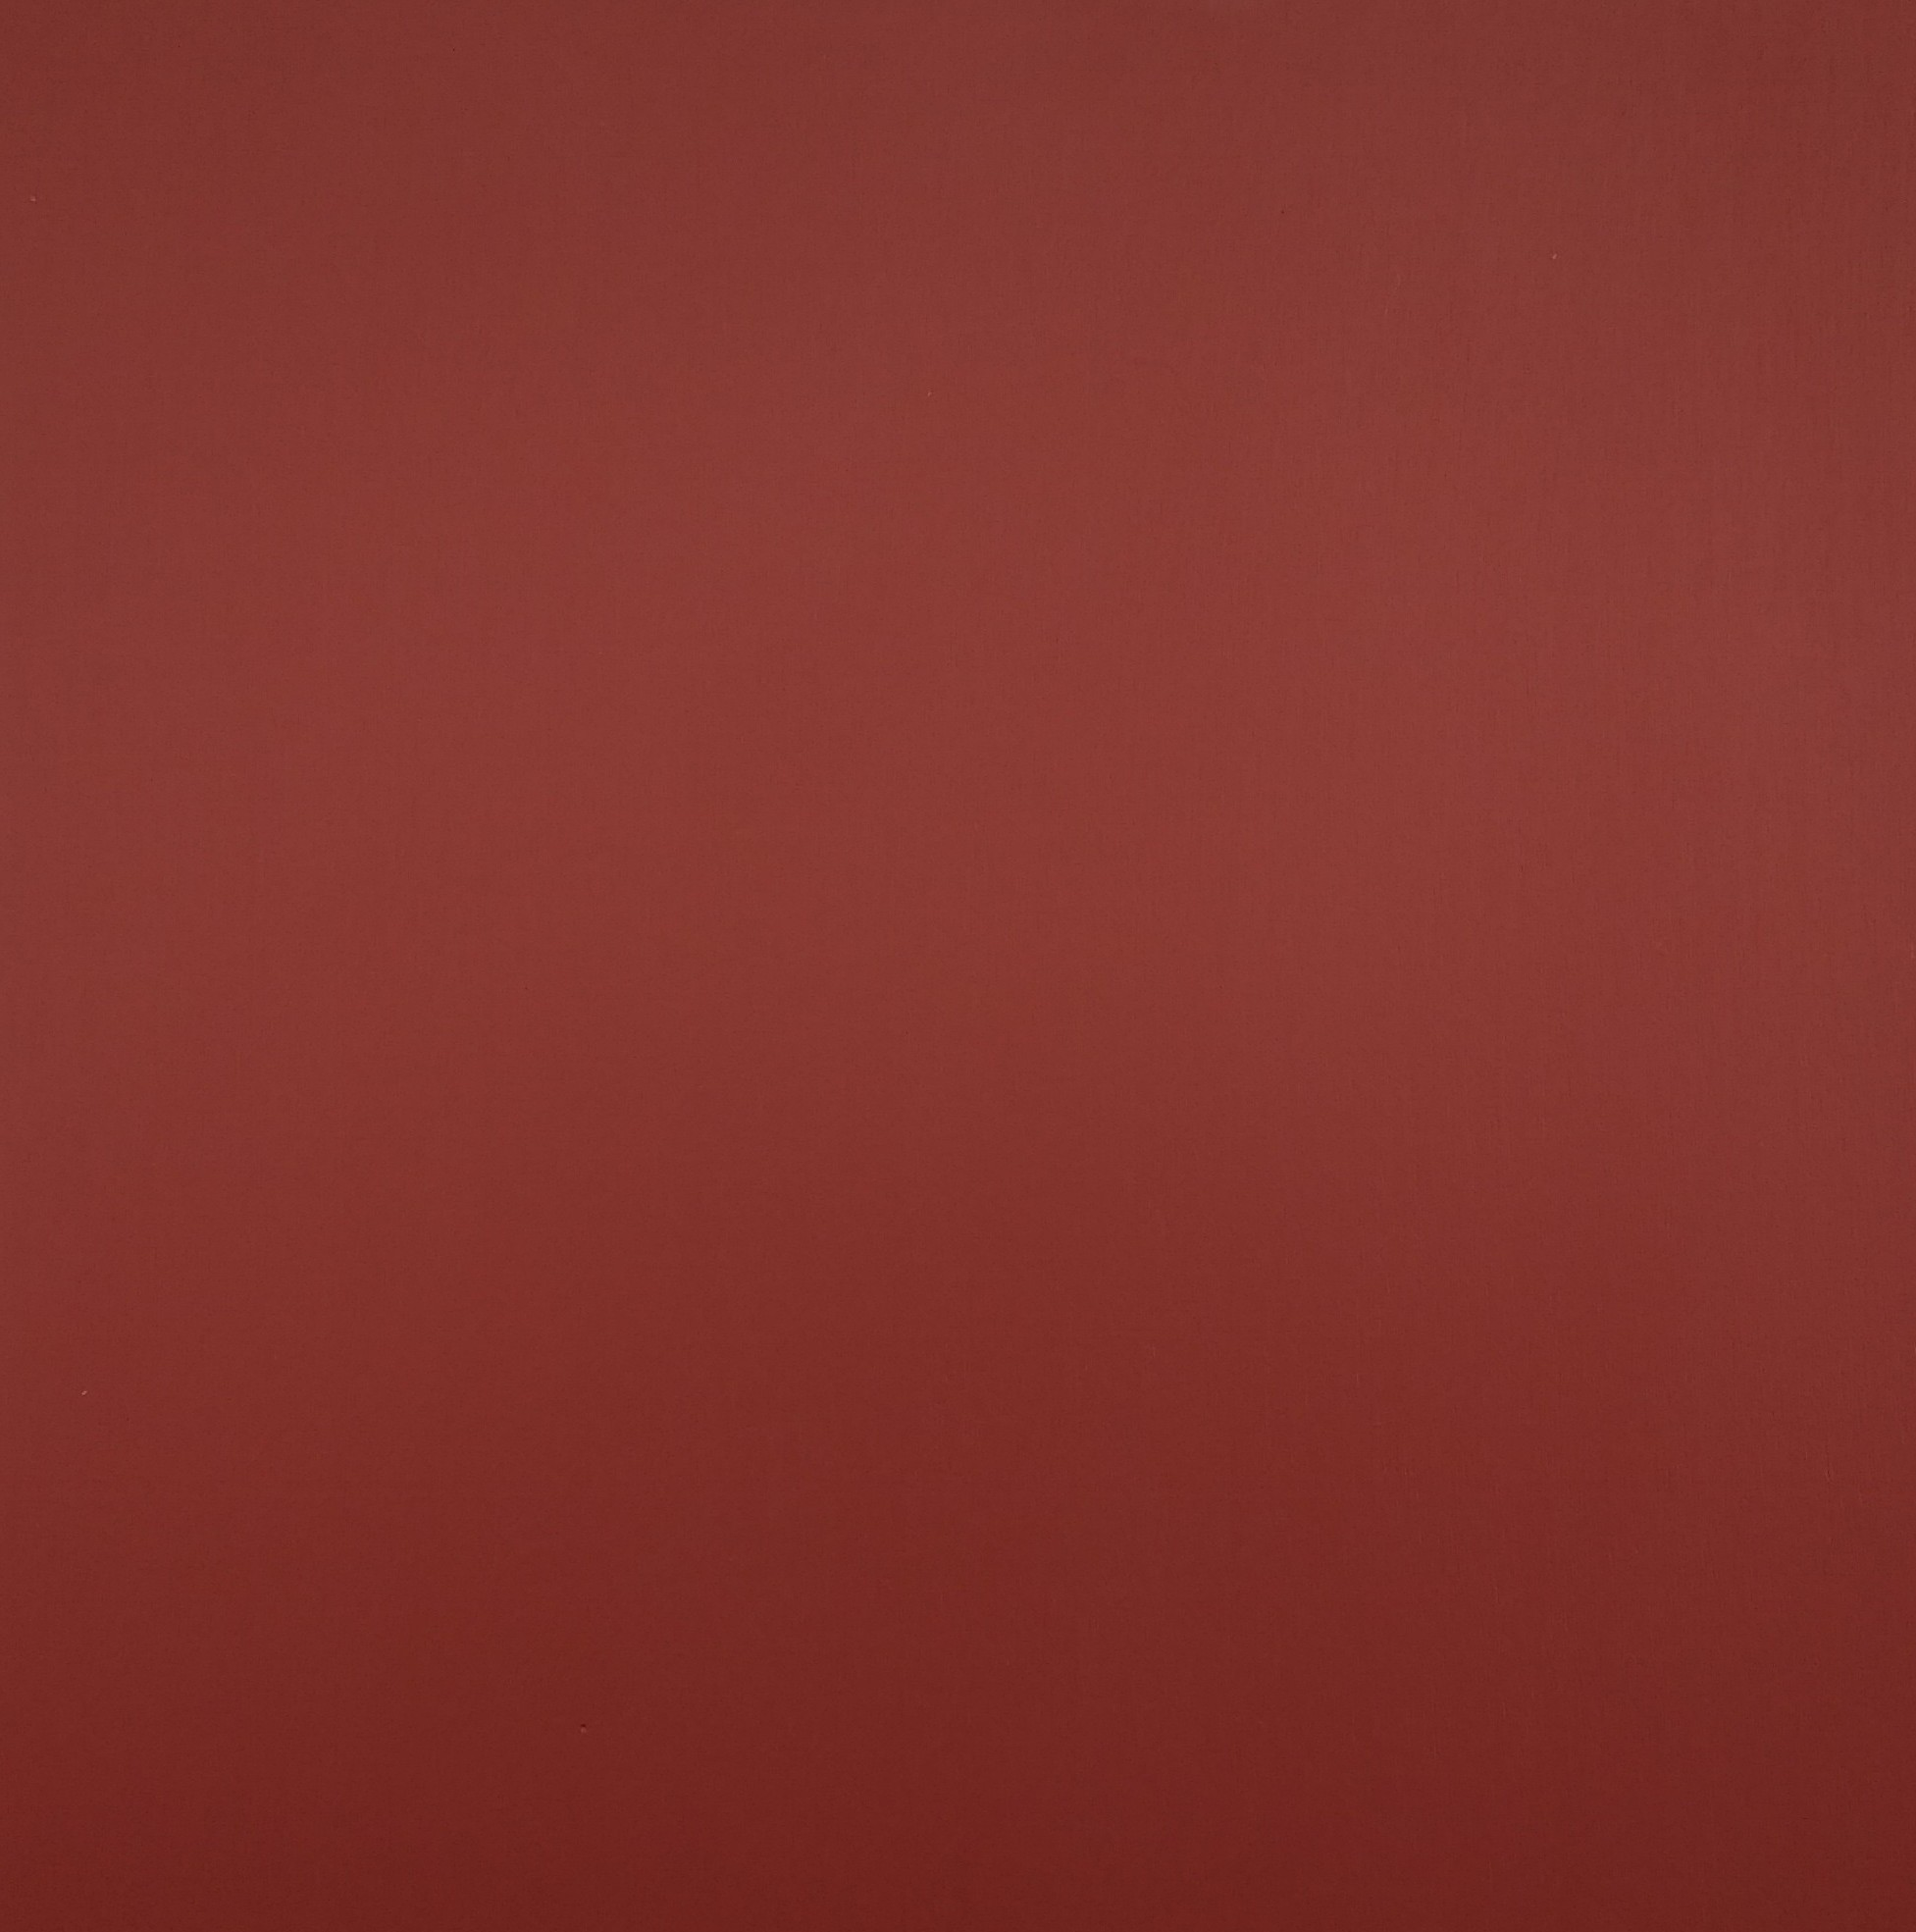 Red Oxide Matt